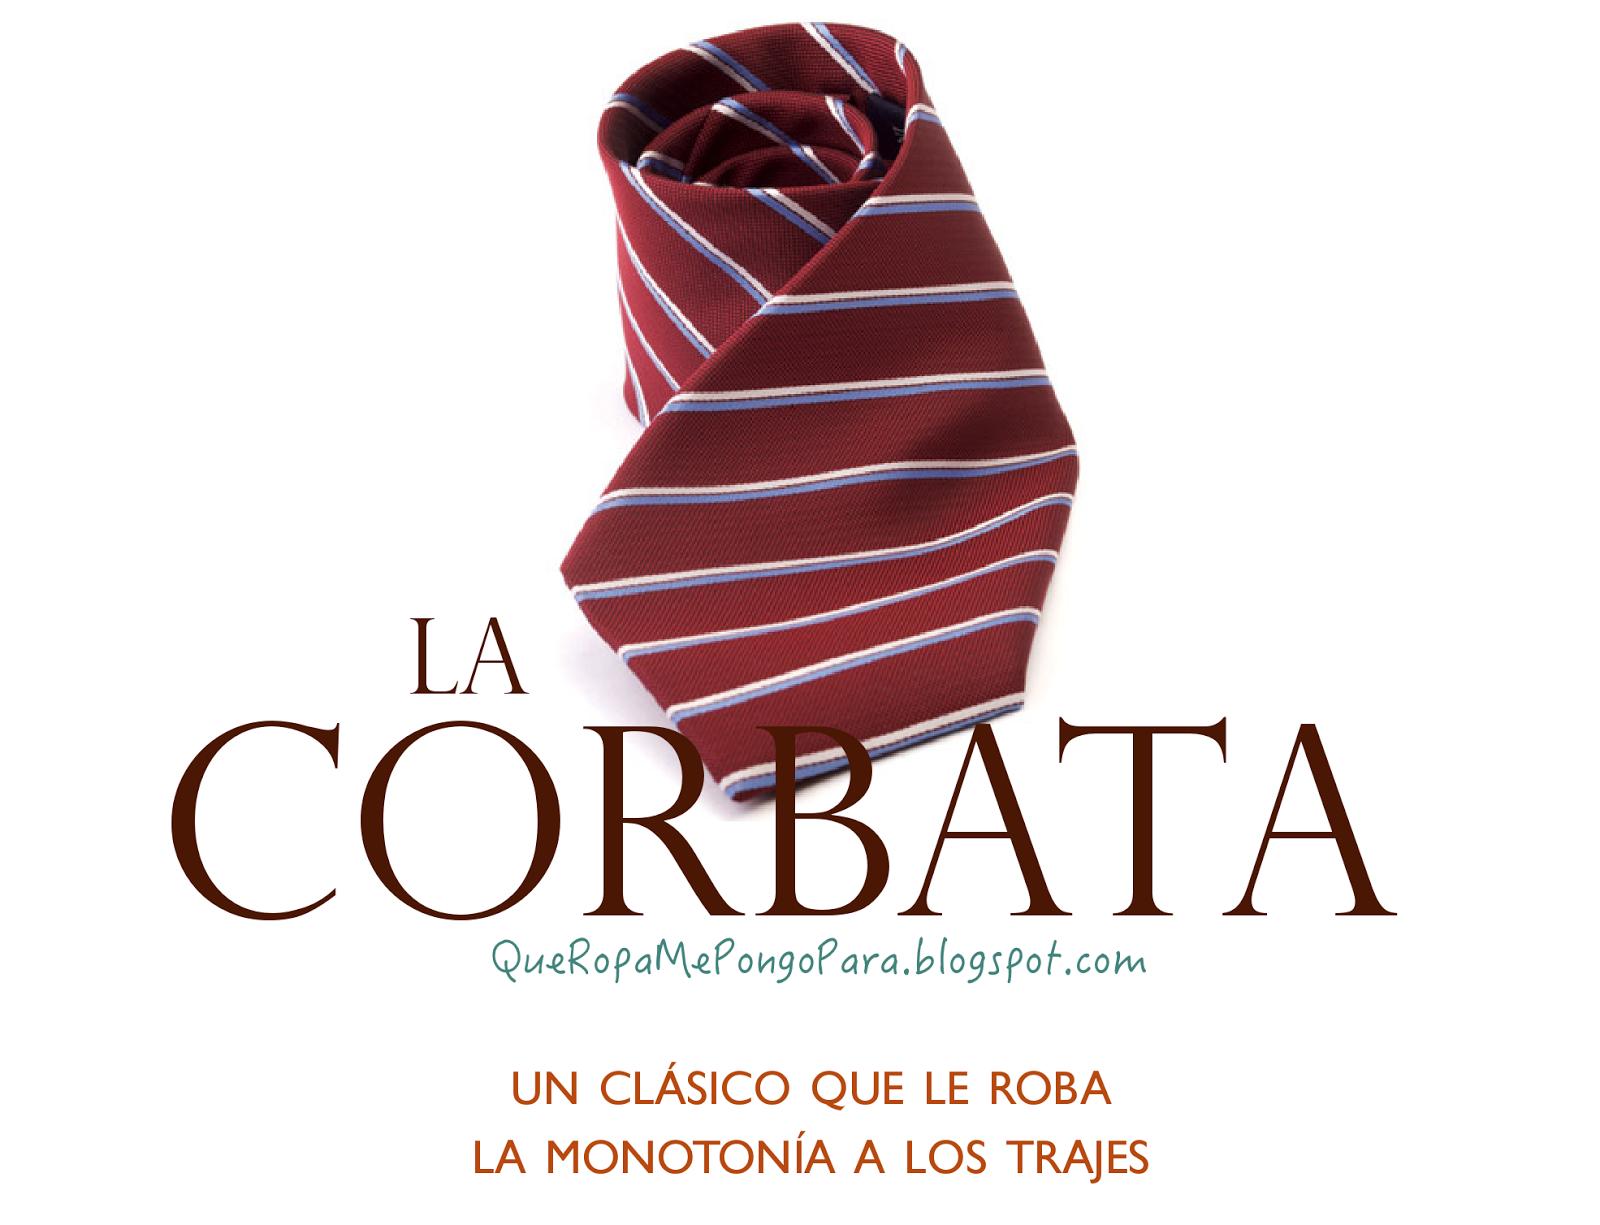 COMO HACER UN NUDO DE CORBATA WINDSOR PASO A PASO - nudos elegantes de corbata